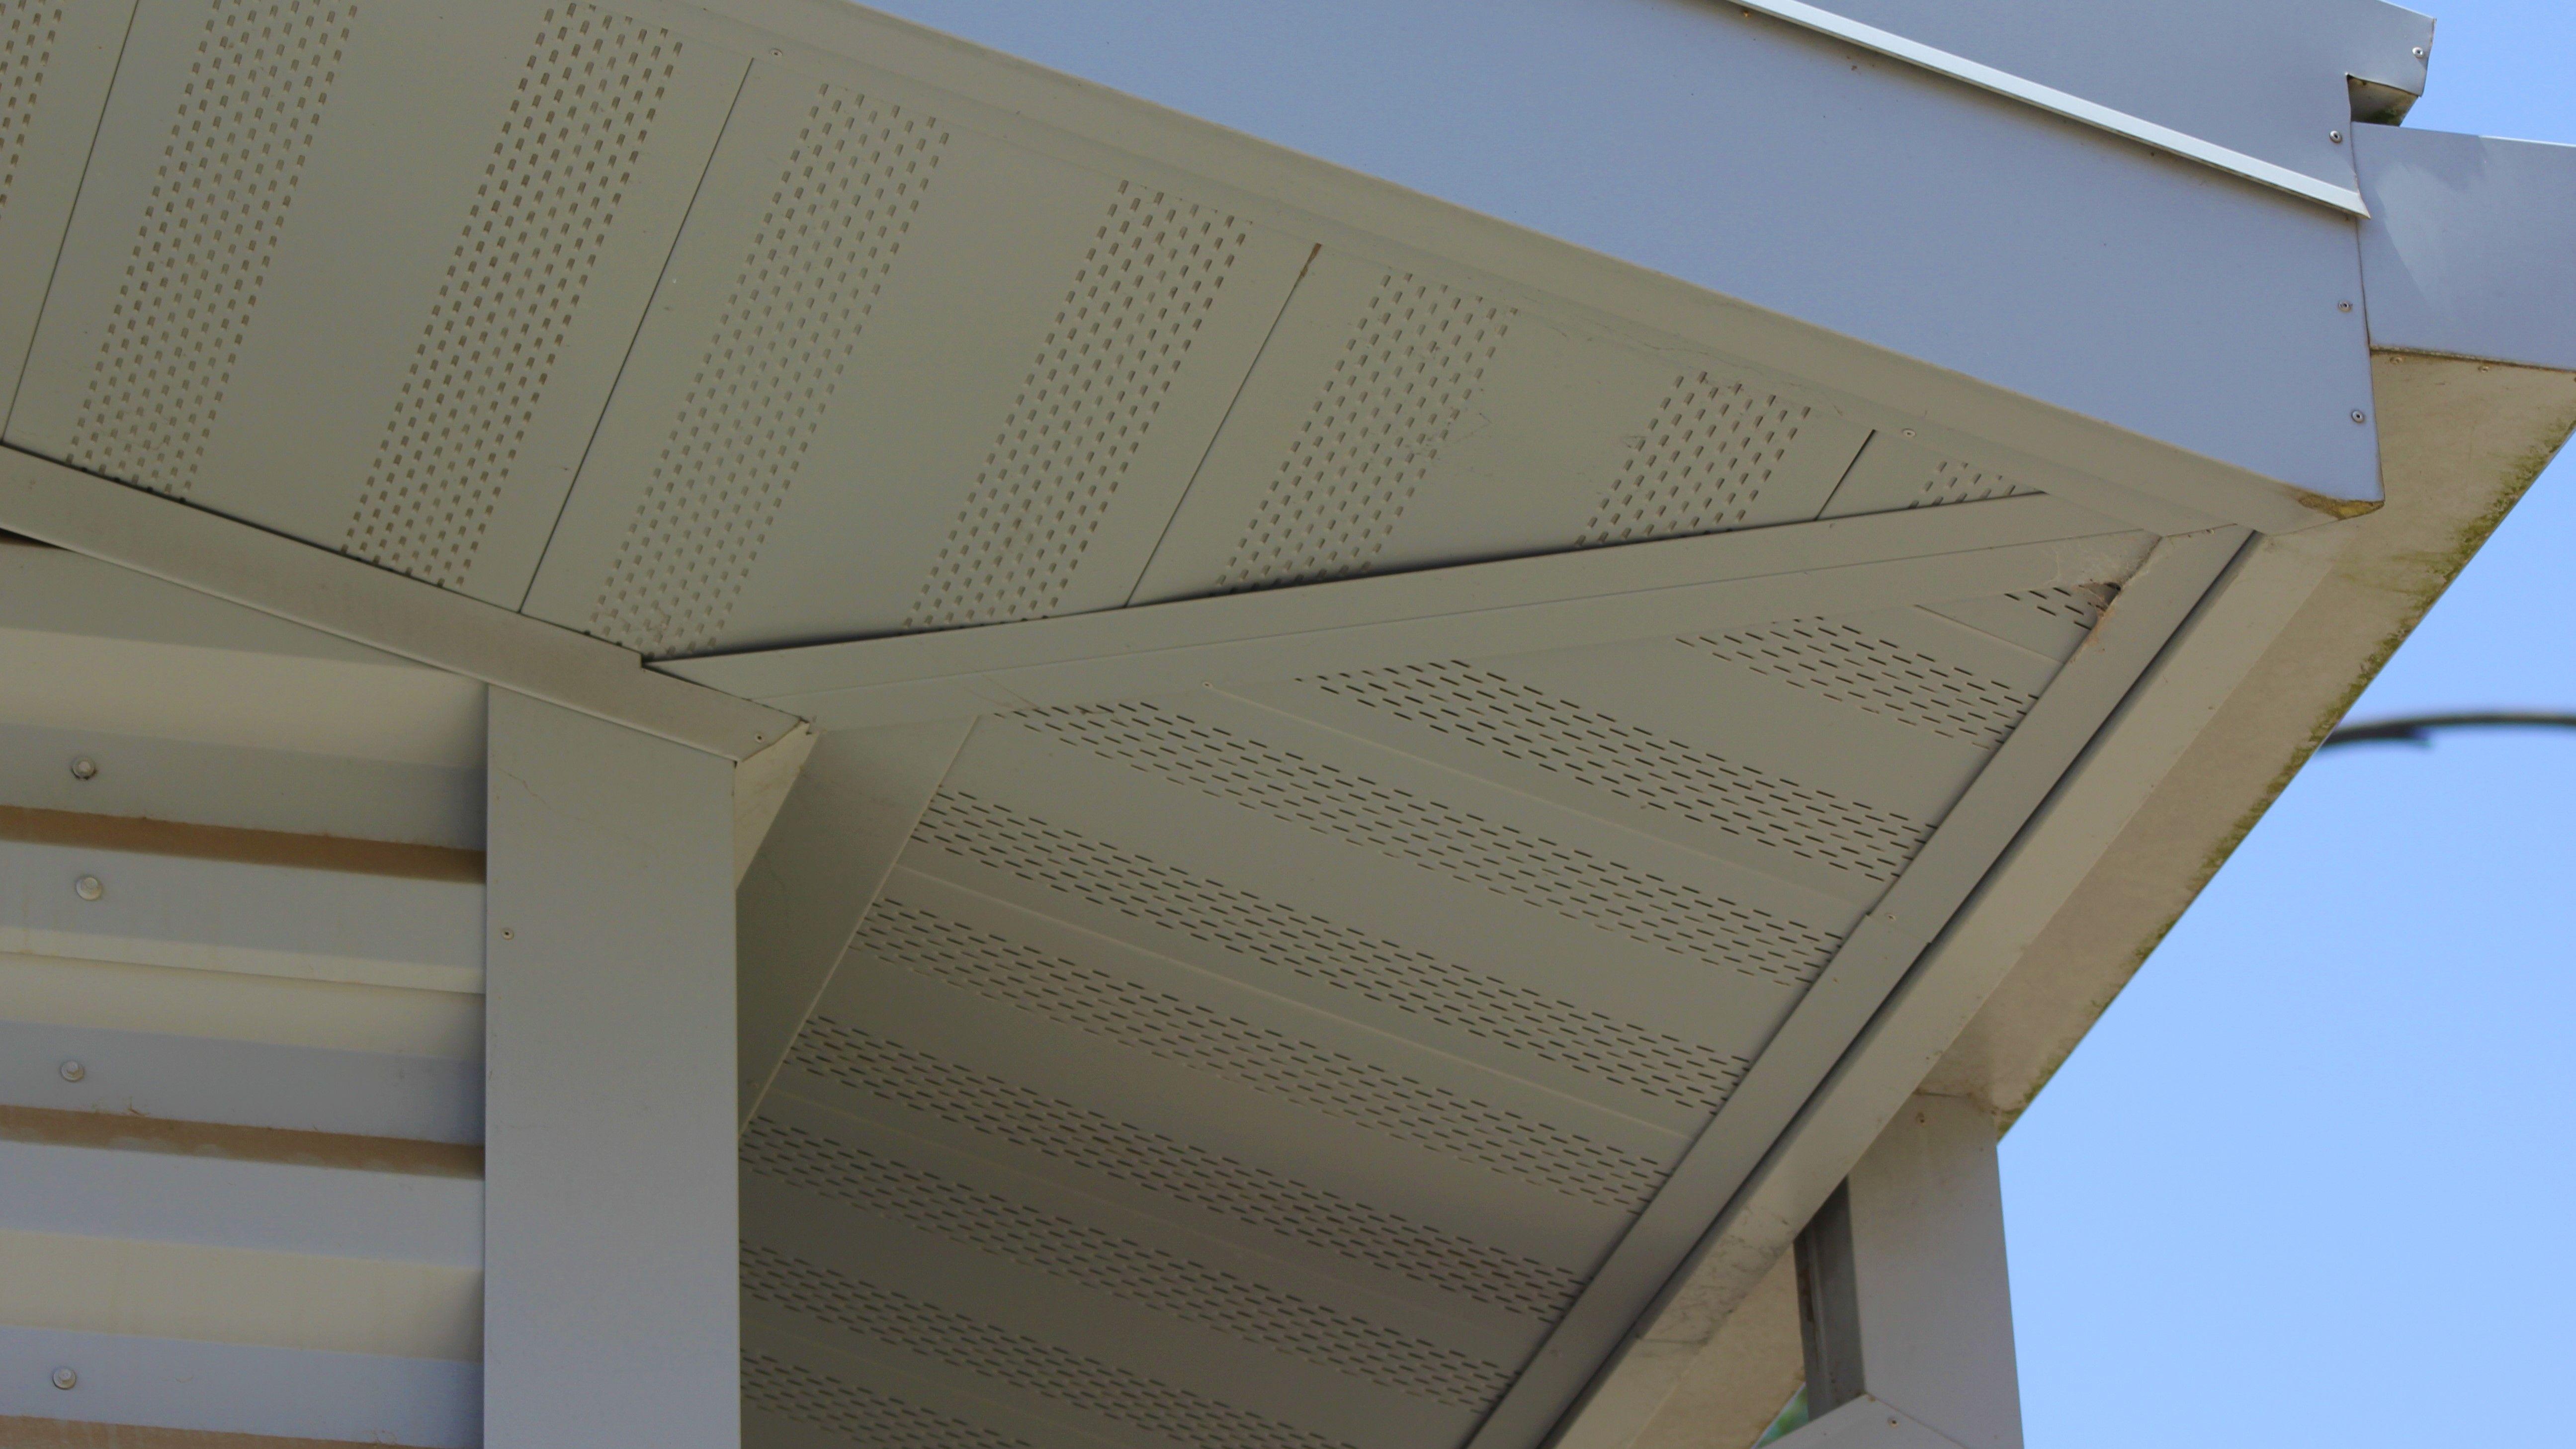 Flush Panel Soffit Fp10 Metal Soffit Concealed Fastener